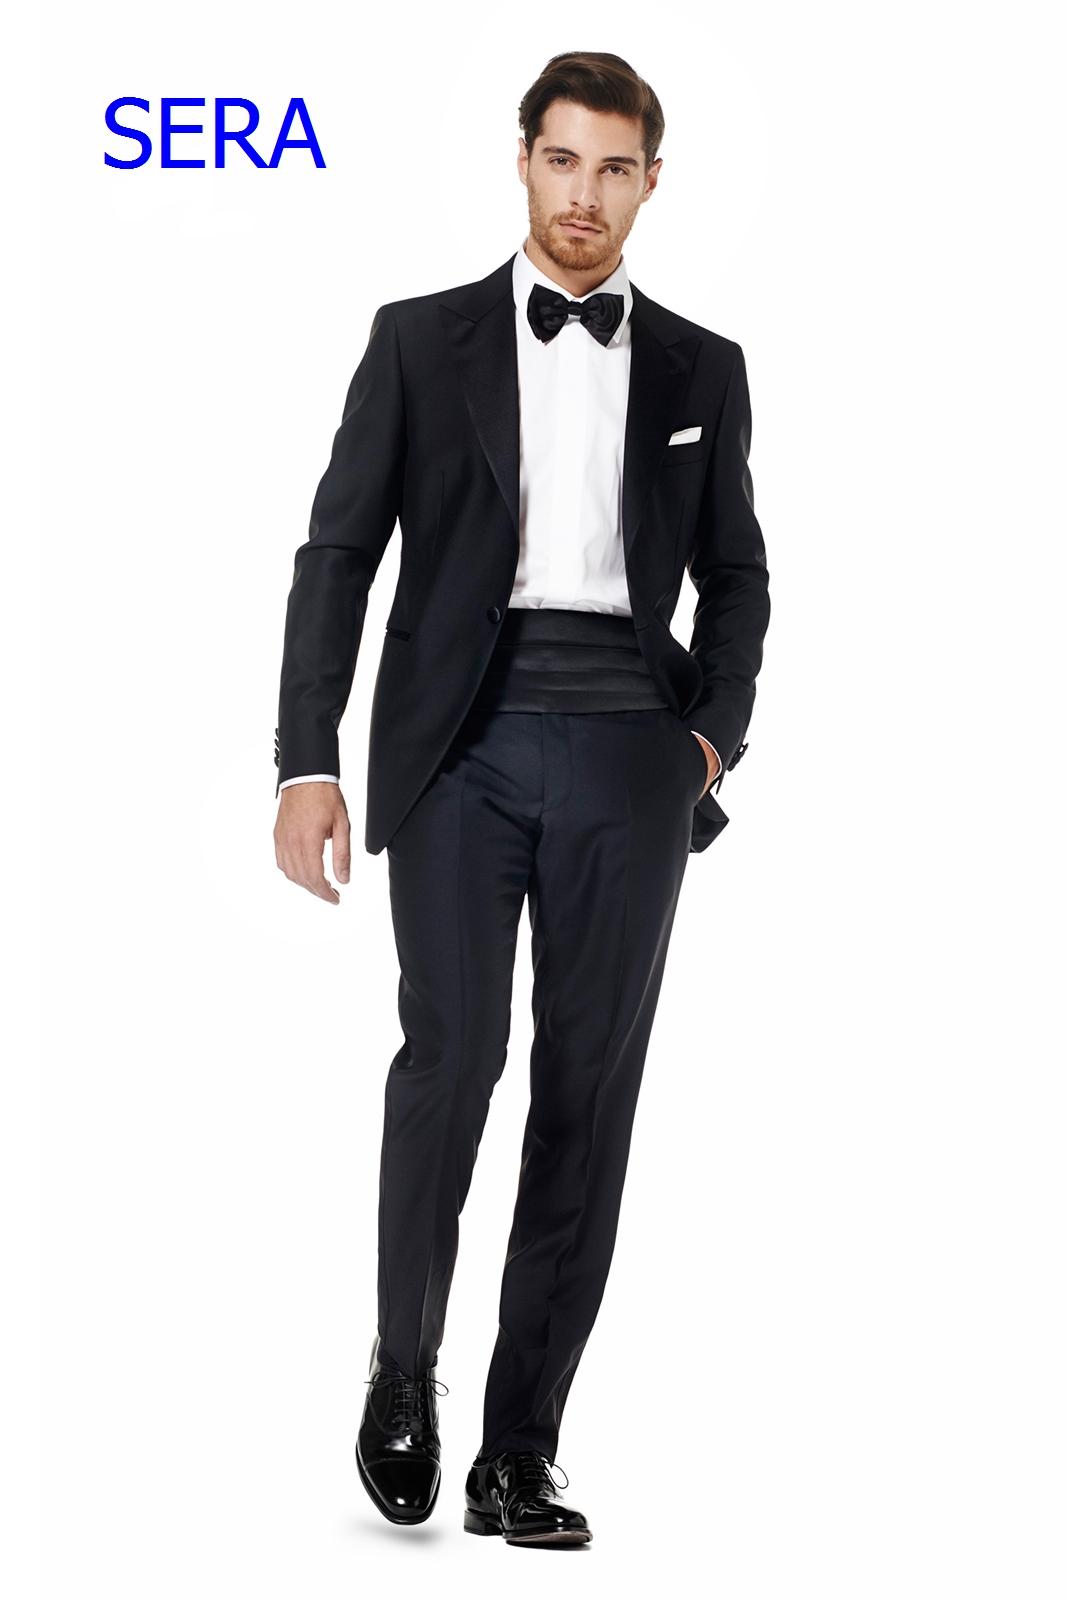 Abito Matrimonio Uomo Tight : I errori da evitare nella scelta di un abito maschile da